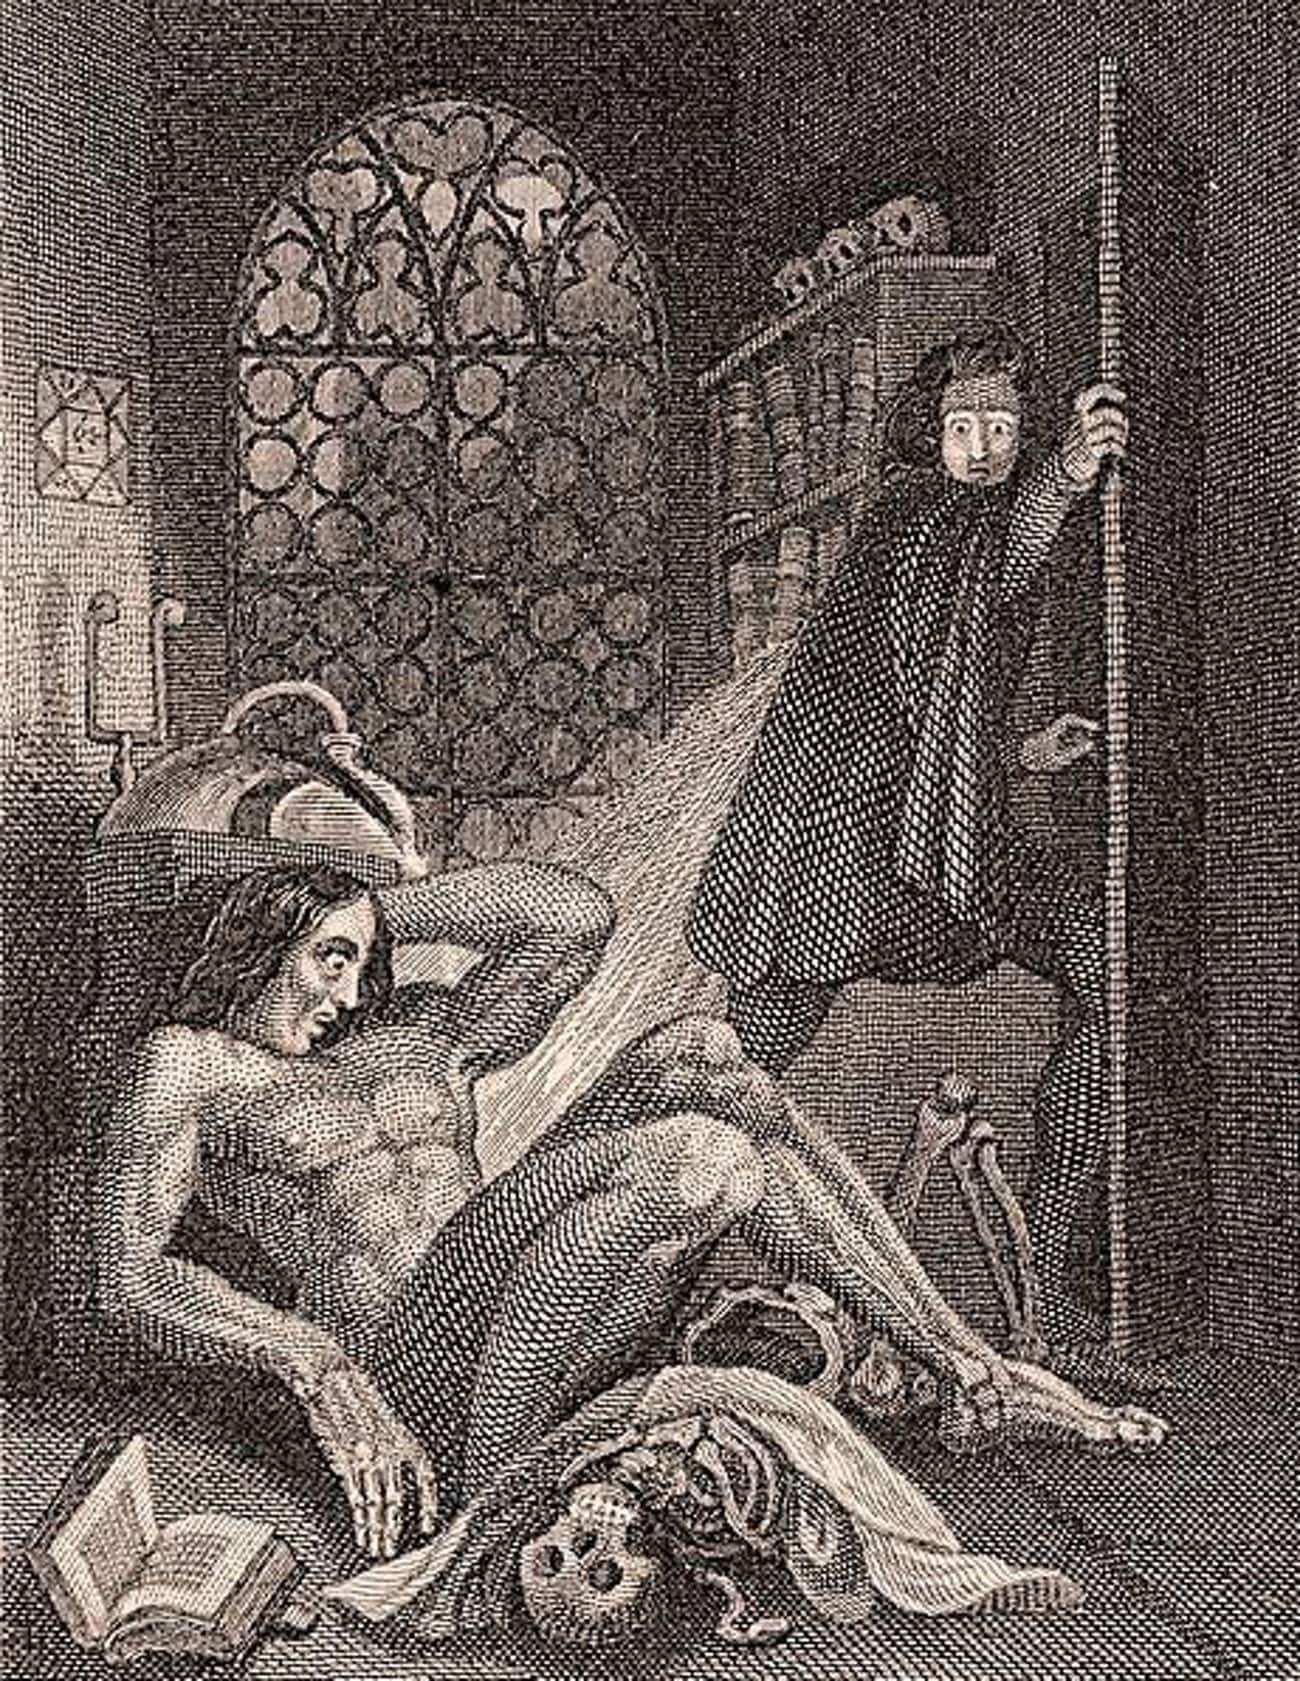 Vào những năm 1800 nhân loại đã cố gắng tạo ra quái vật của Frankenstein ngoài đời thực bằng cách kích điện xác chết - Ảnh 8.